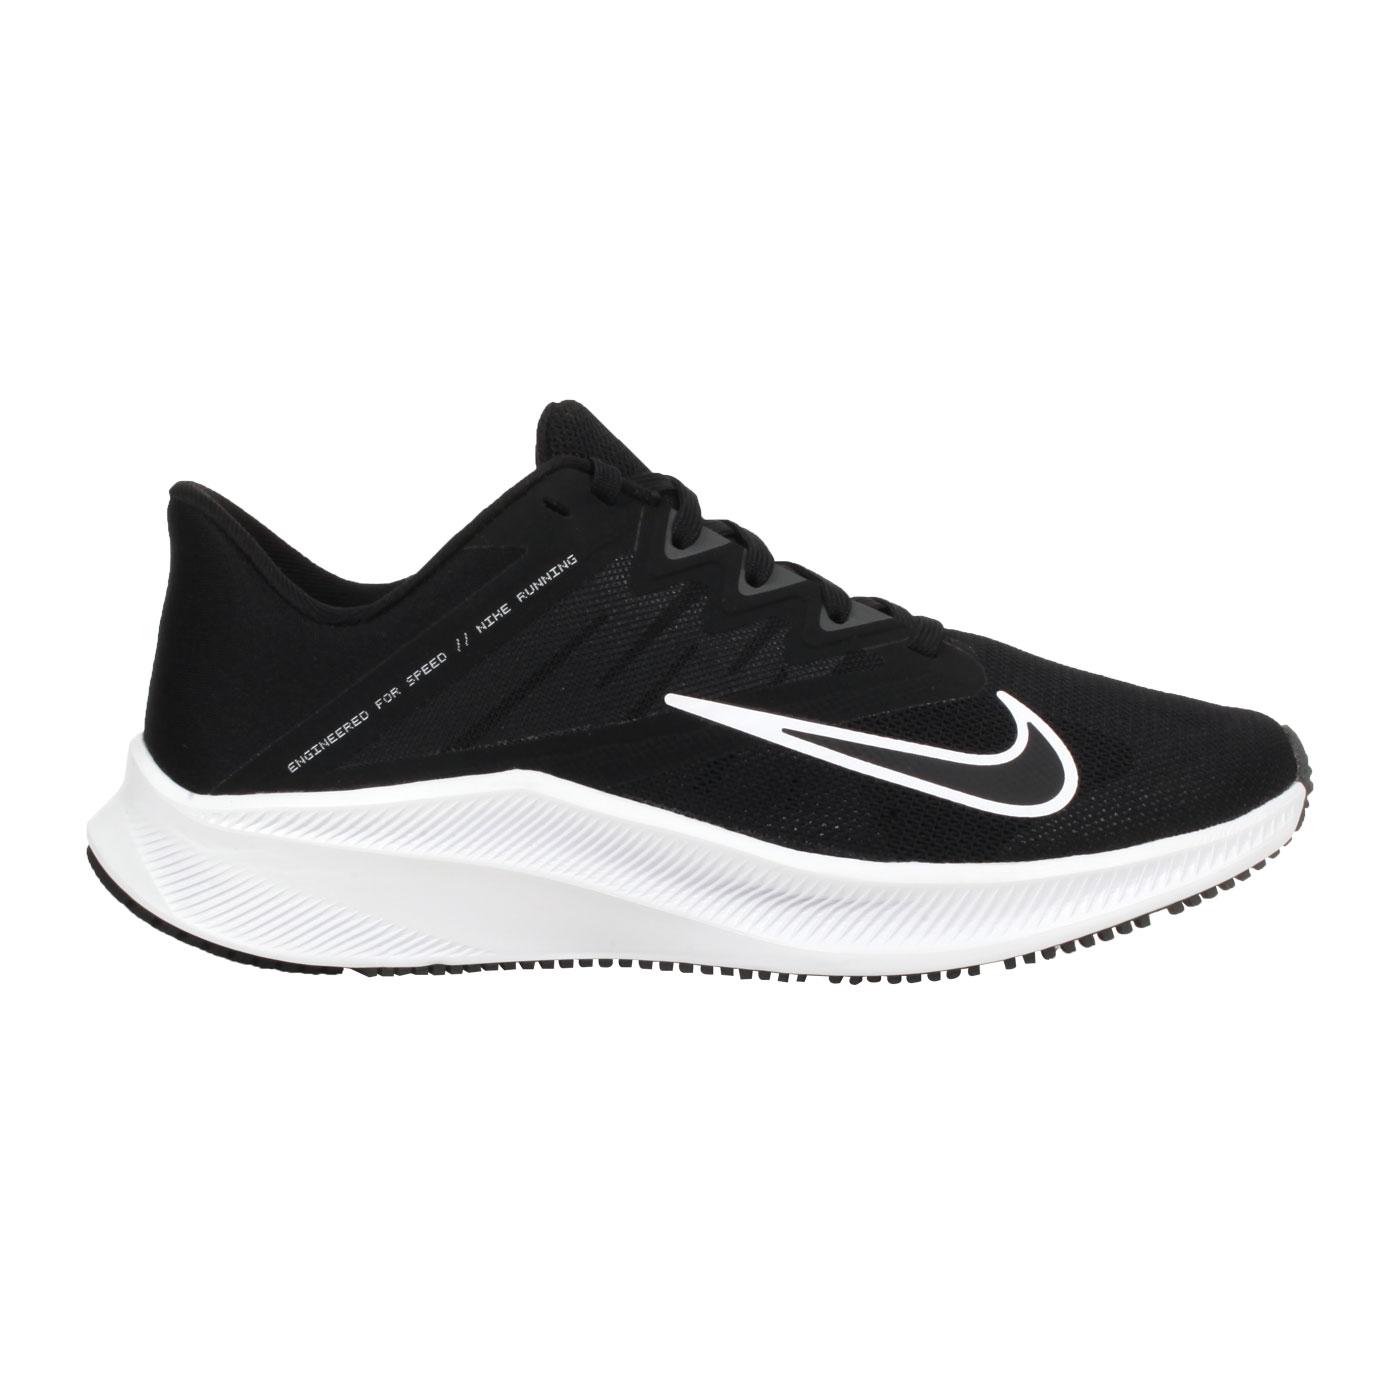 NIKE 女款慢跑鞋  @QUEST 3@CD0232002 - 黑白